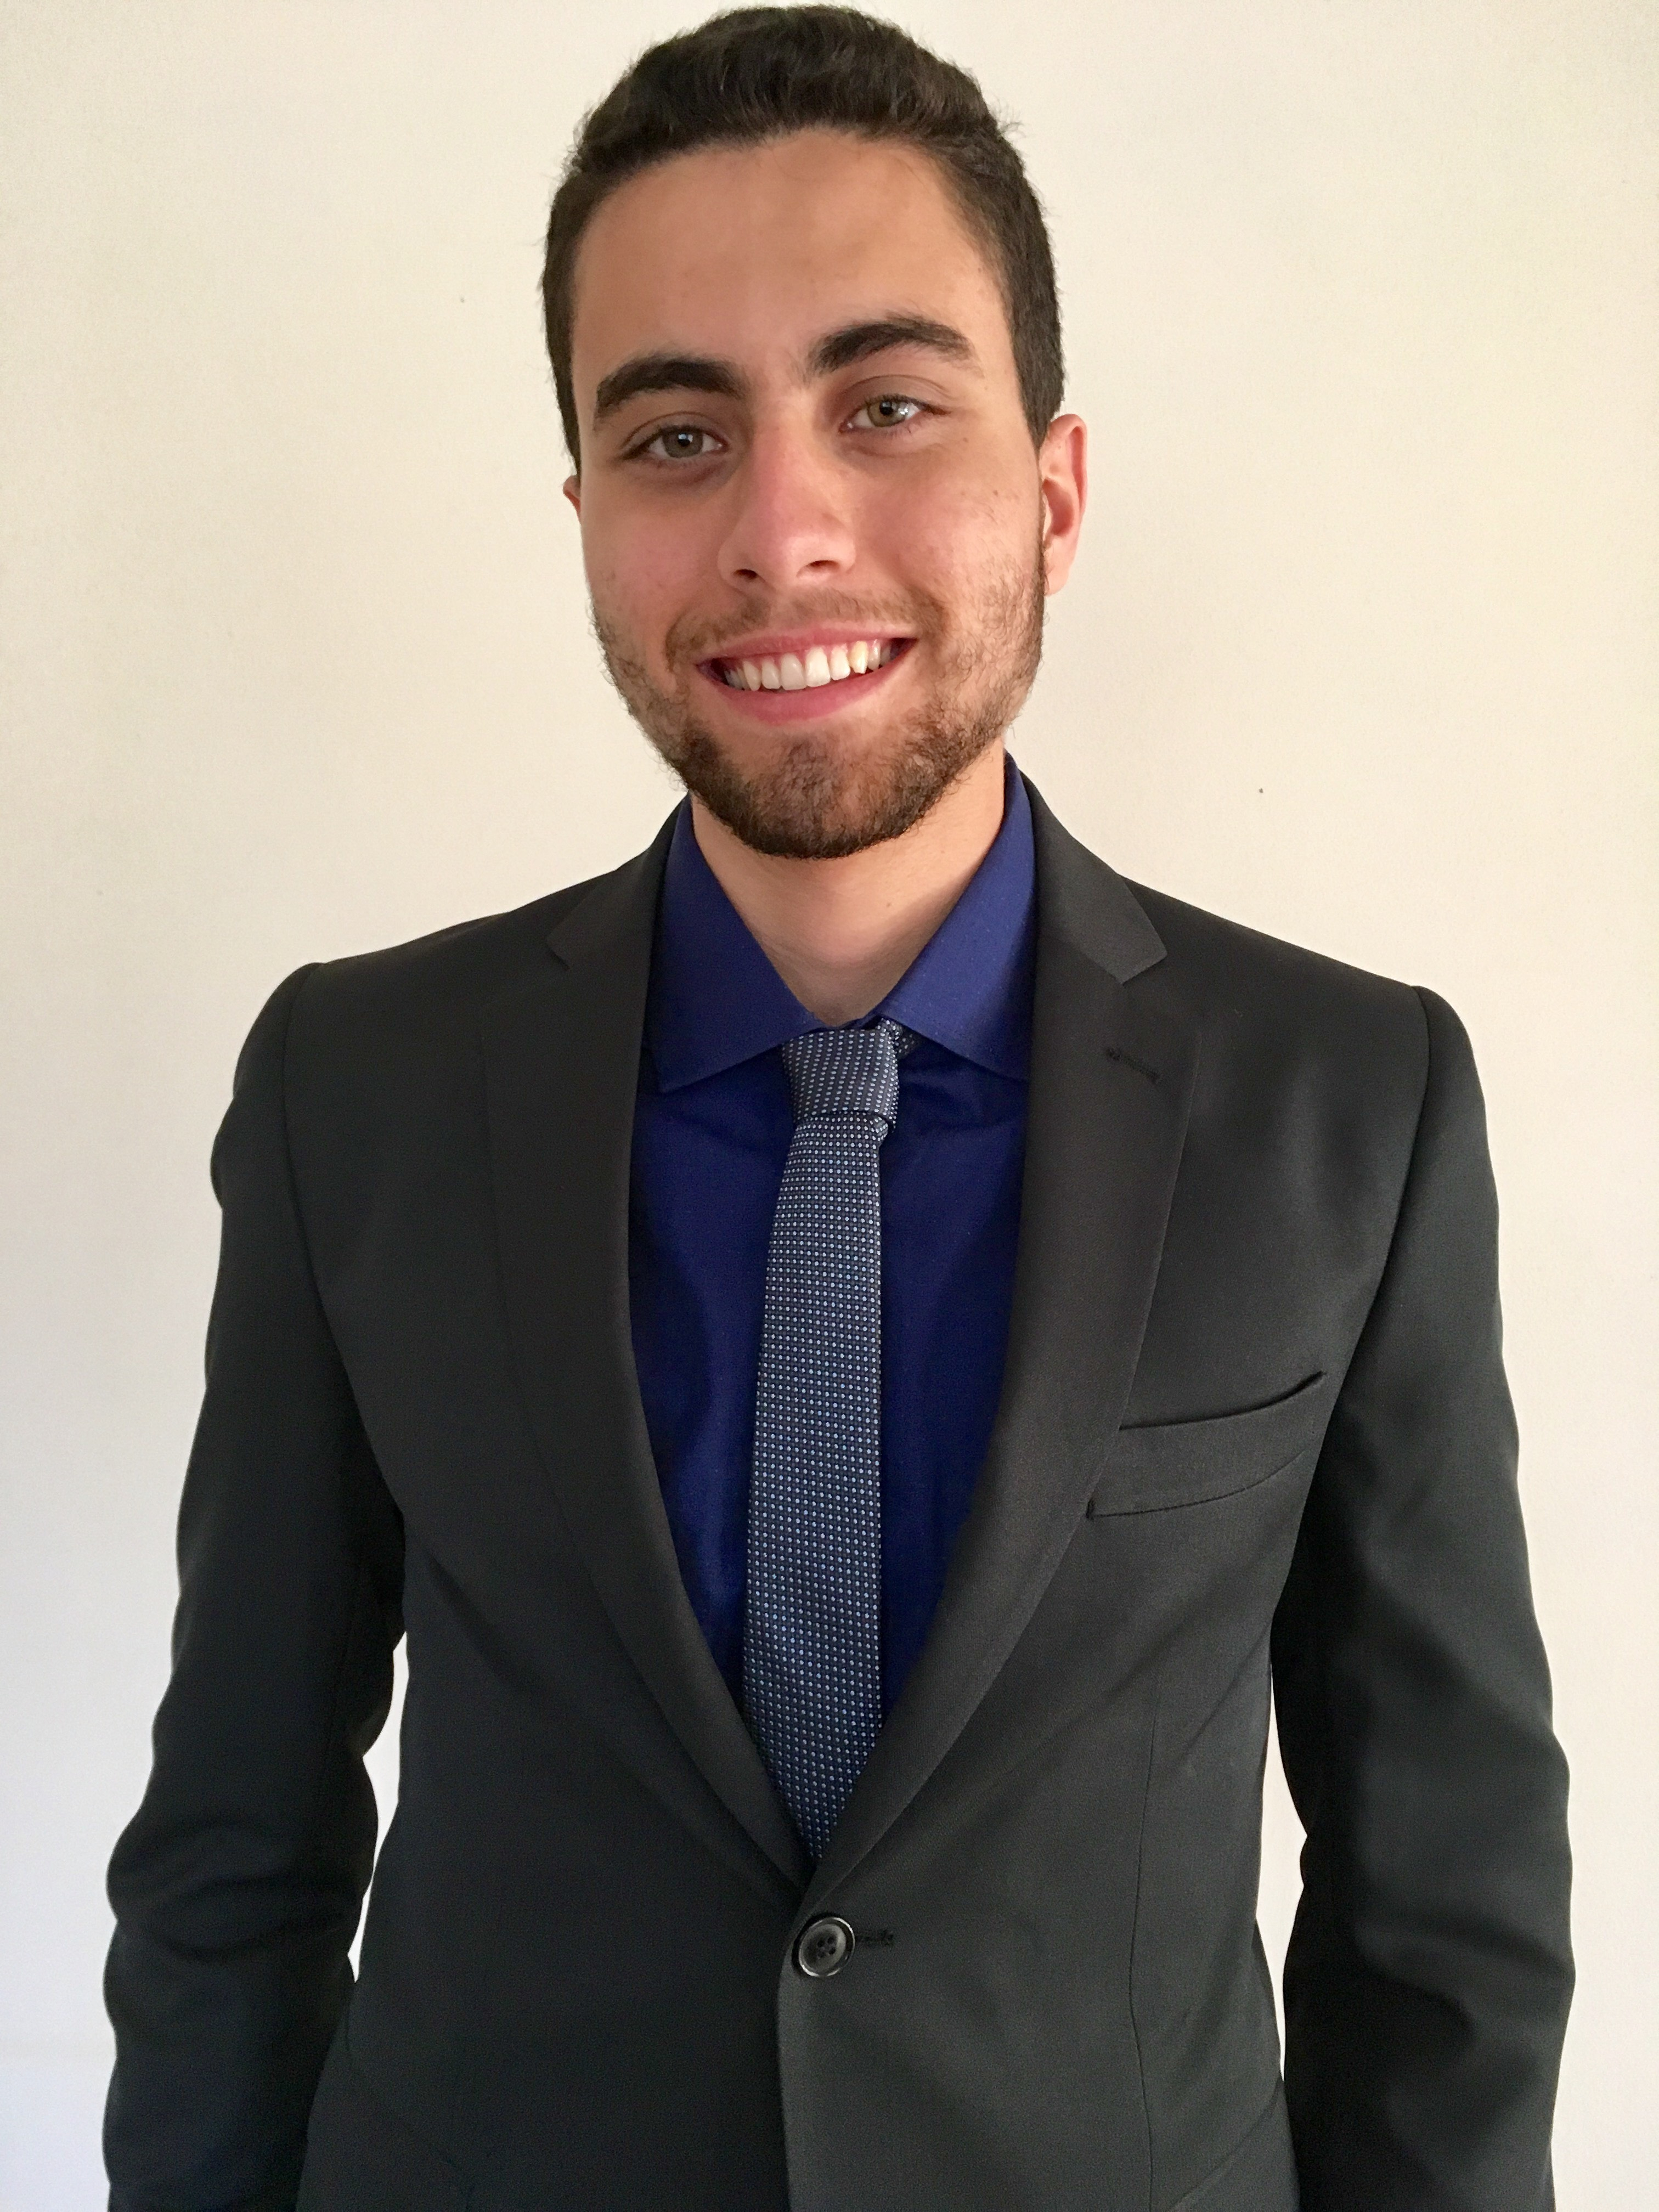 ENTREVISTA: Sérgio Rodrigues - Aprovado no concurso da Polícia Civil de Minas Gerais no cargo de Escrivão